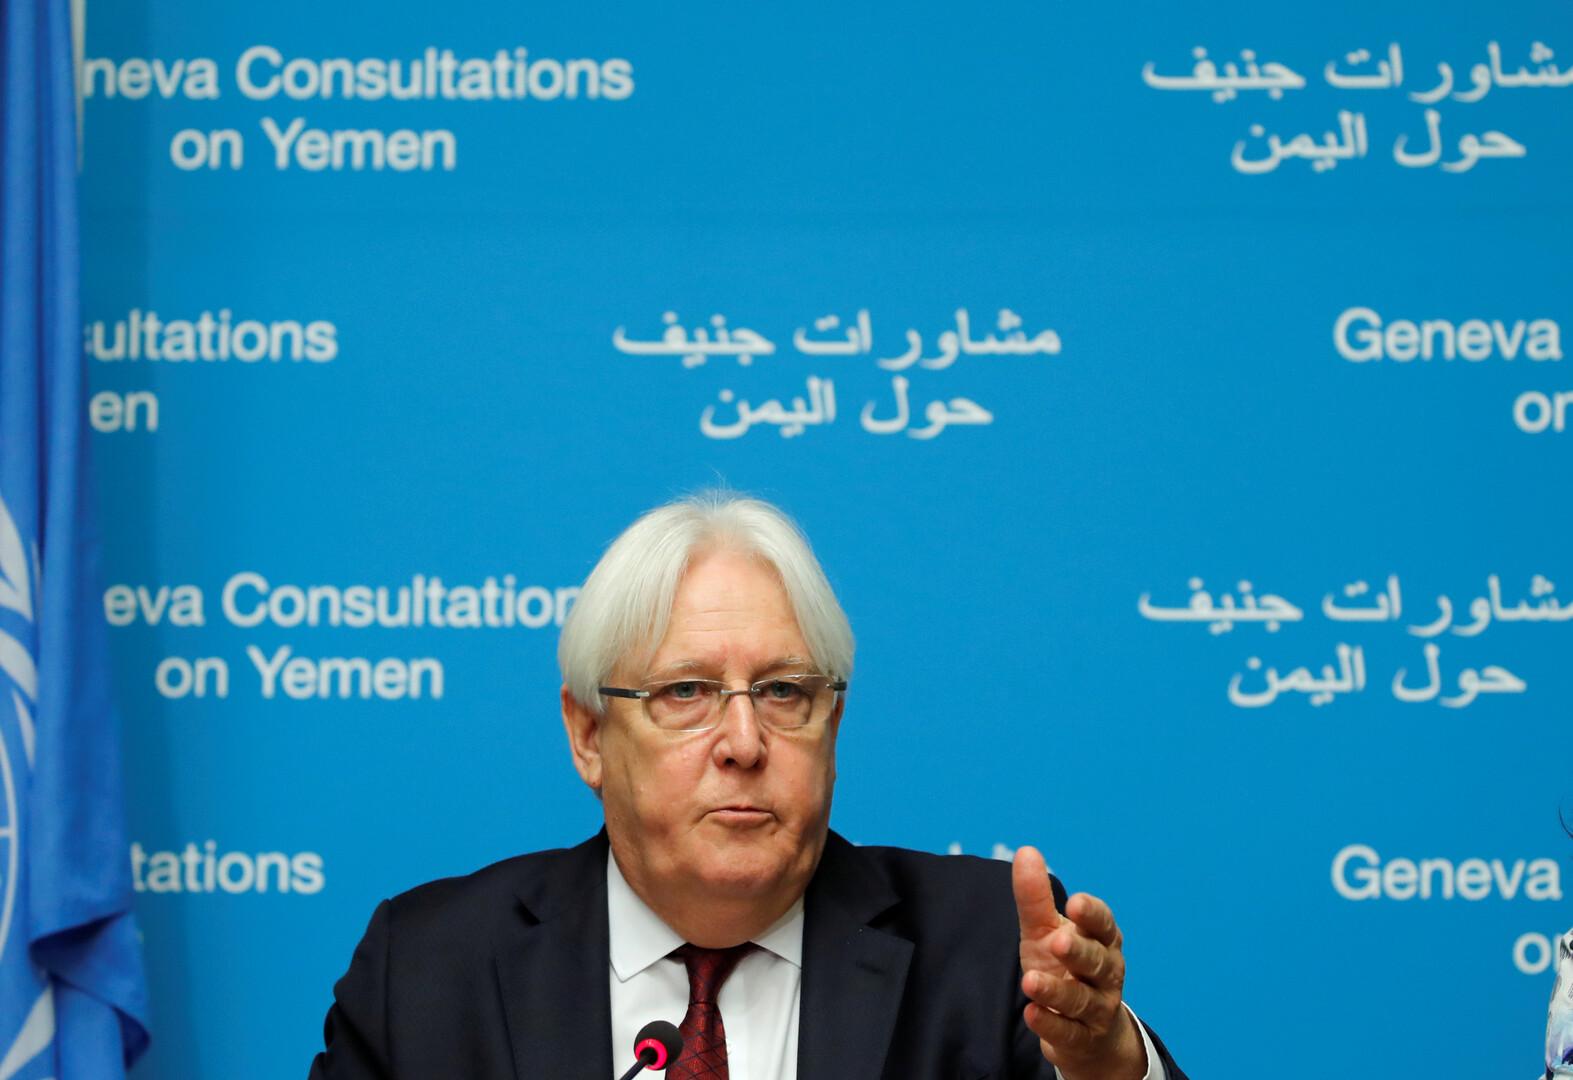 غريفيث: مبادرة الحوثيين قد تكون رسالة قوية حول الإرادة لإنهاء الحرب